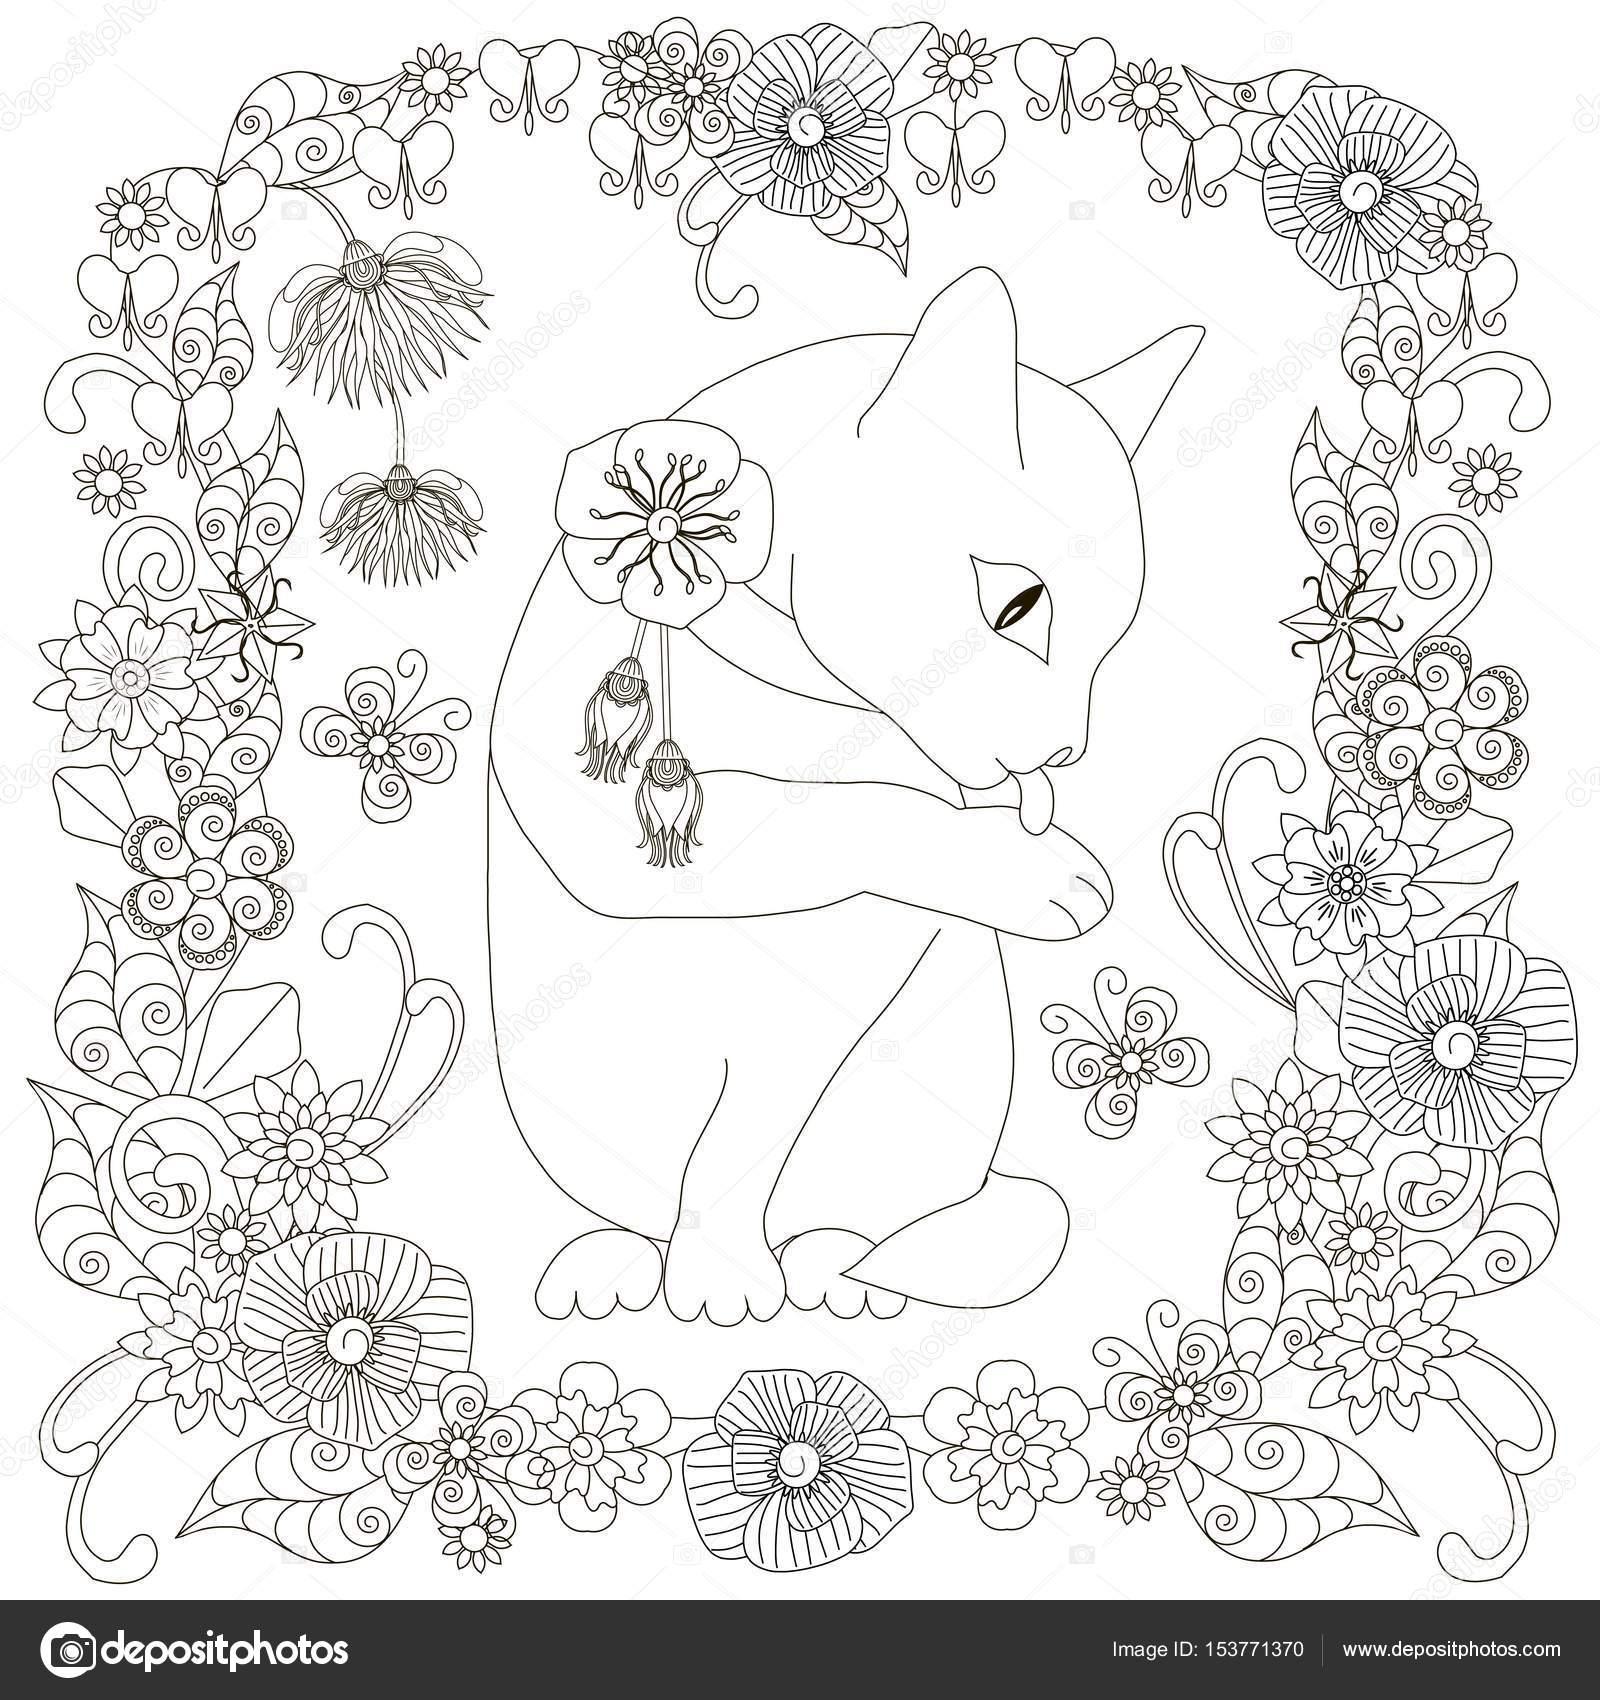 Monochrome Doodle Hand gezeichnete Katze wäscht in Blumen Rahmen ...